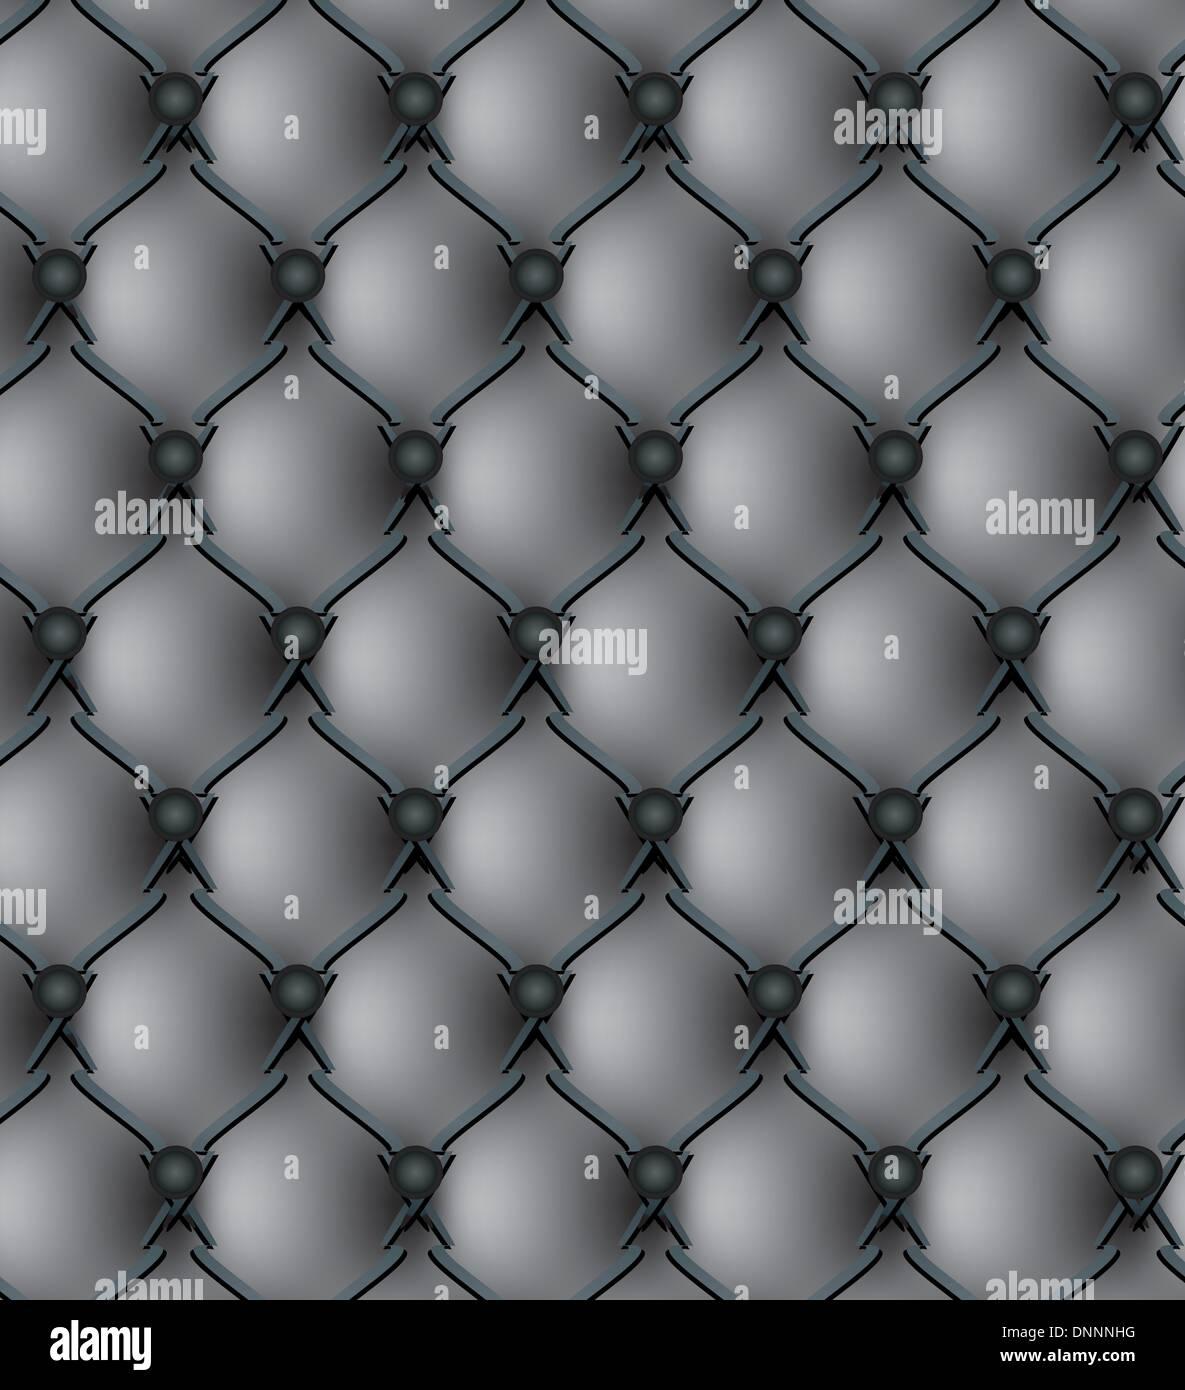 Schwarzes Echtleder-Polster-Muster-Vektor-illustration Stockbild